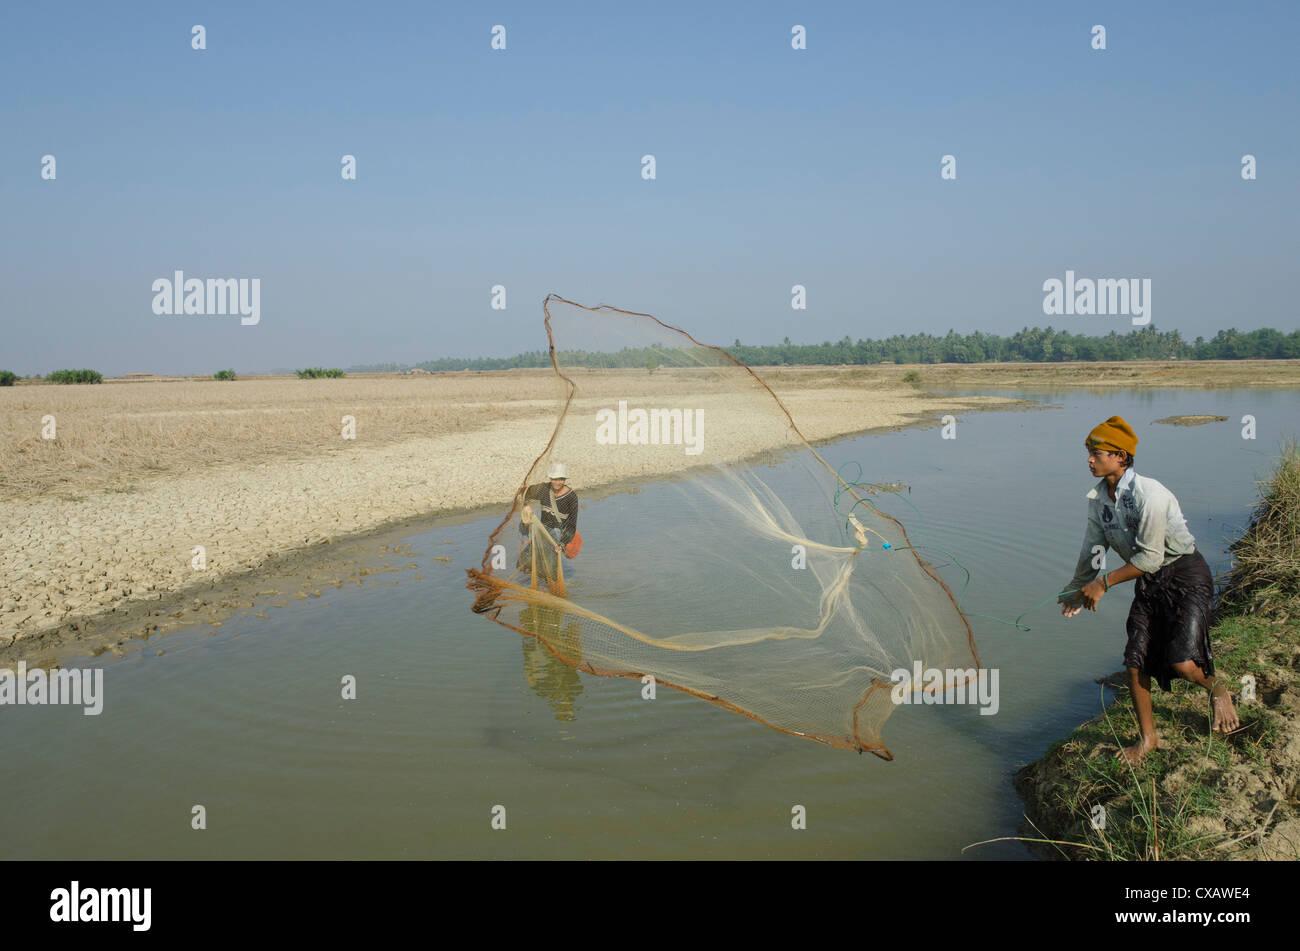 Jeune pêcher avec filet de pêche dans un cours d'eau, delta de l'Irrawaddy, le Myanmar (Birmanie), Photo Stock